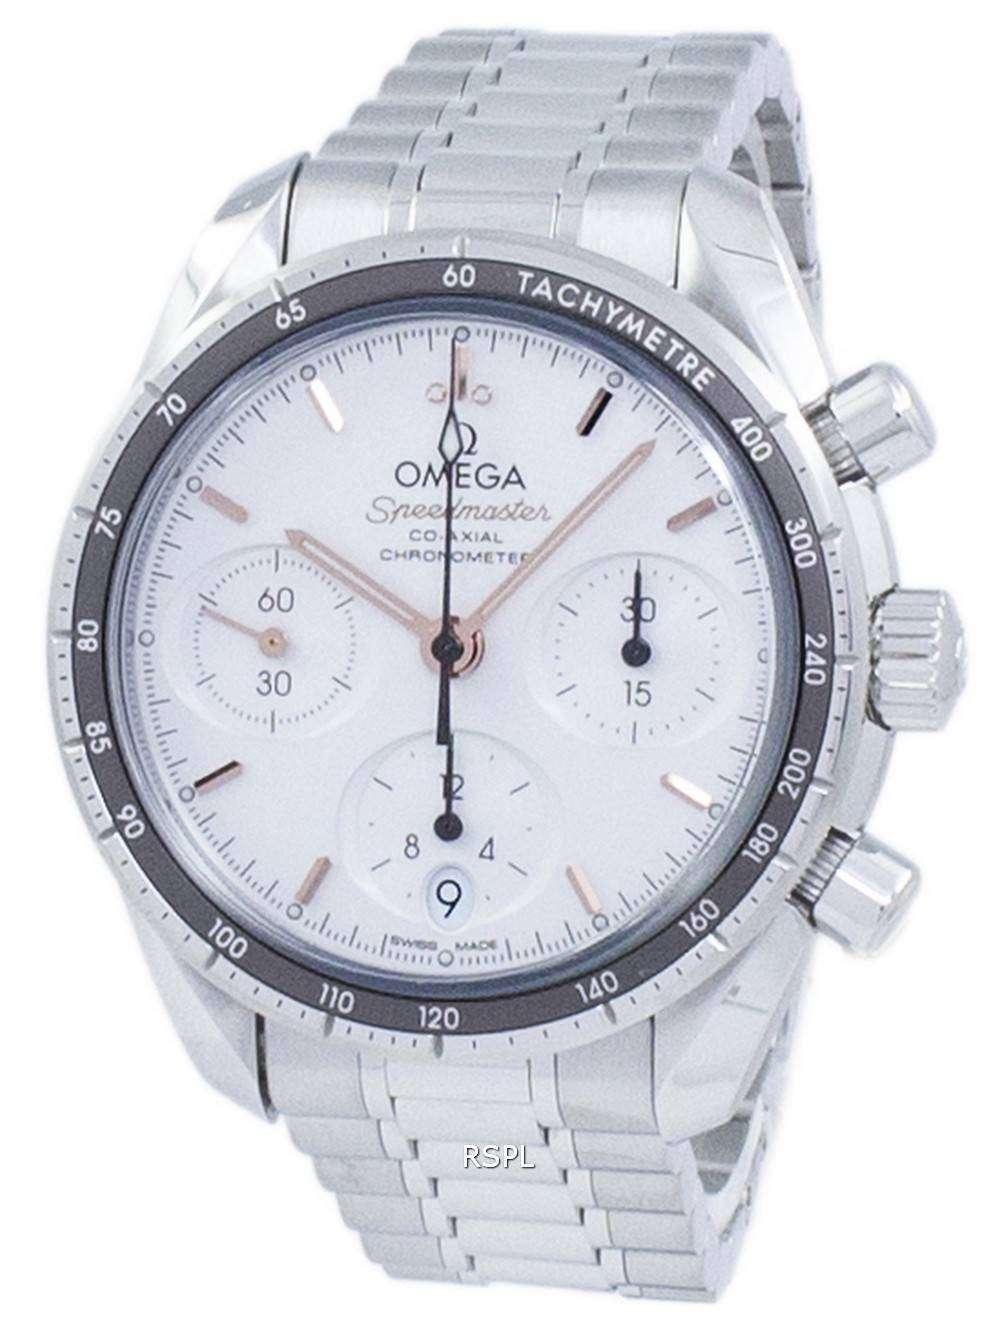 オメガ スピード マスター コーアクシャル クロノグラフ自動 324.30.38.50.02.001 ユニセックス腕時計